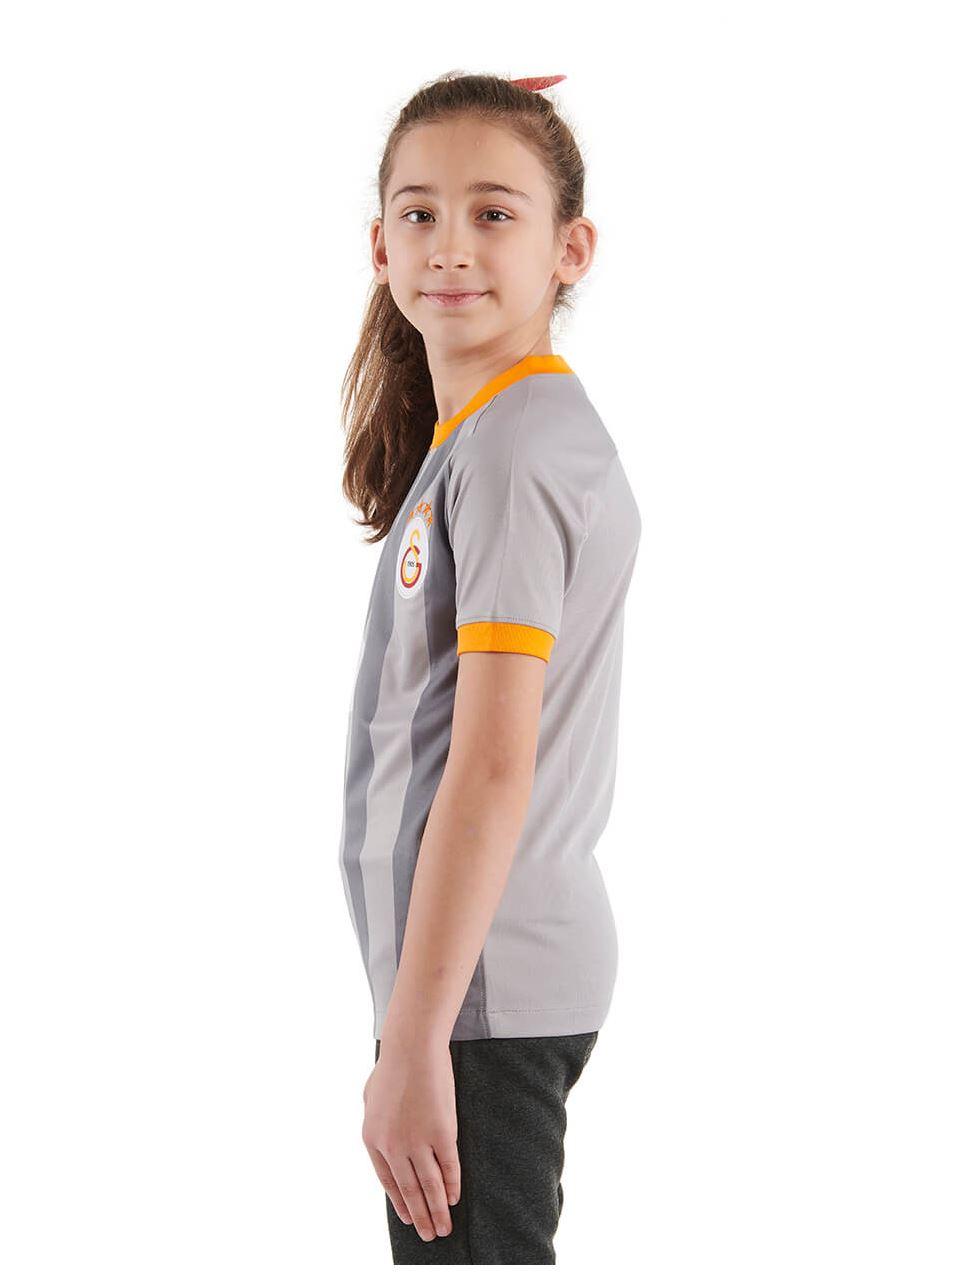 Nike Galatasaray Gri Alternatif Maç Çocuk Forması 19-20 At2633-060